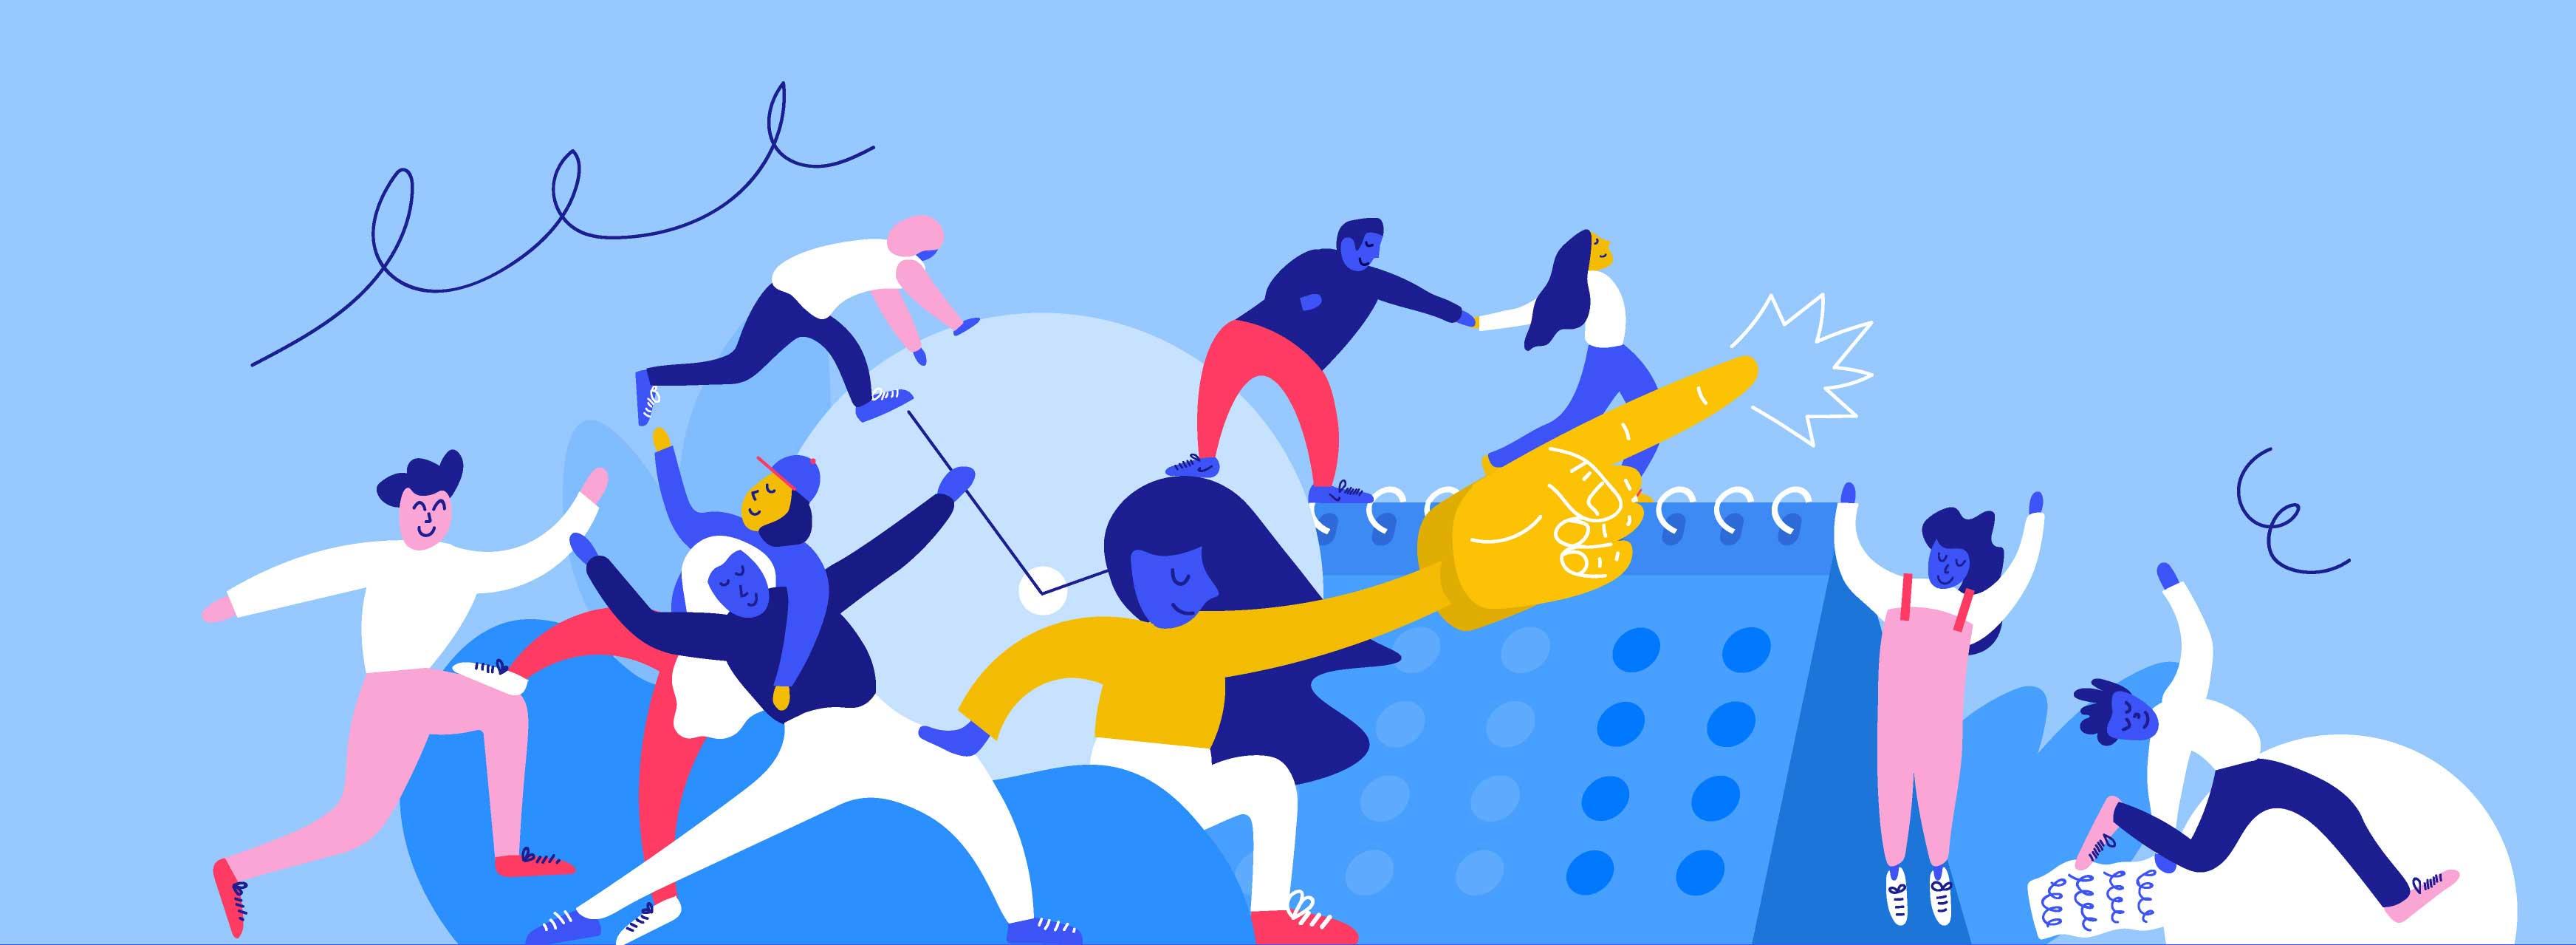 5 Cách lãnh đạo đội nhóm hiệu quả hơn - Munkas Agency